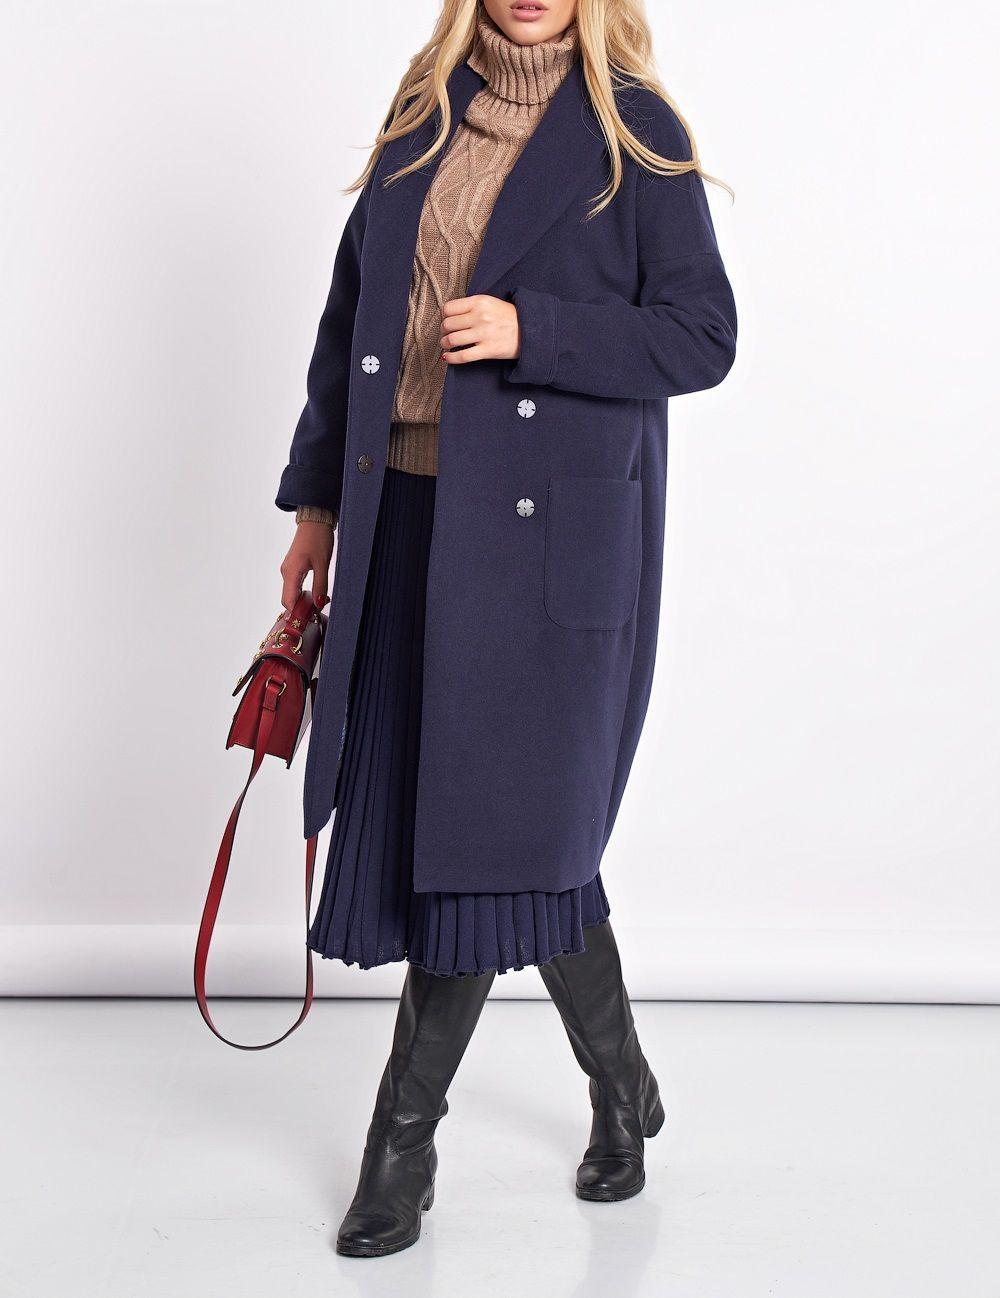 Пальто темно-синее, Верхняя одежда, Москва, Фото №1